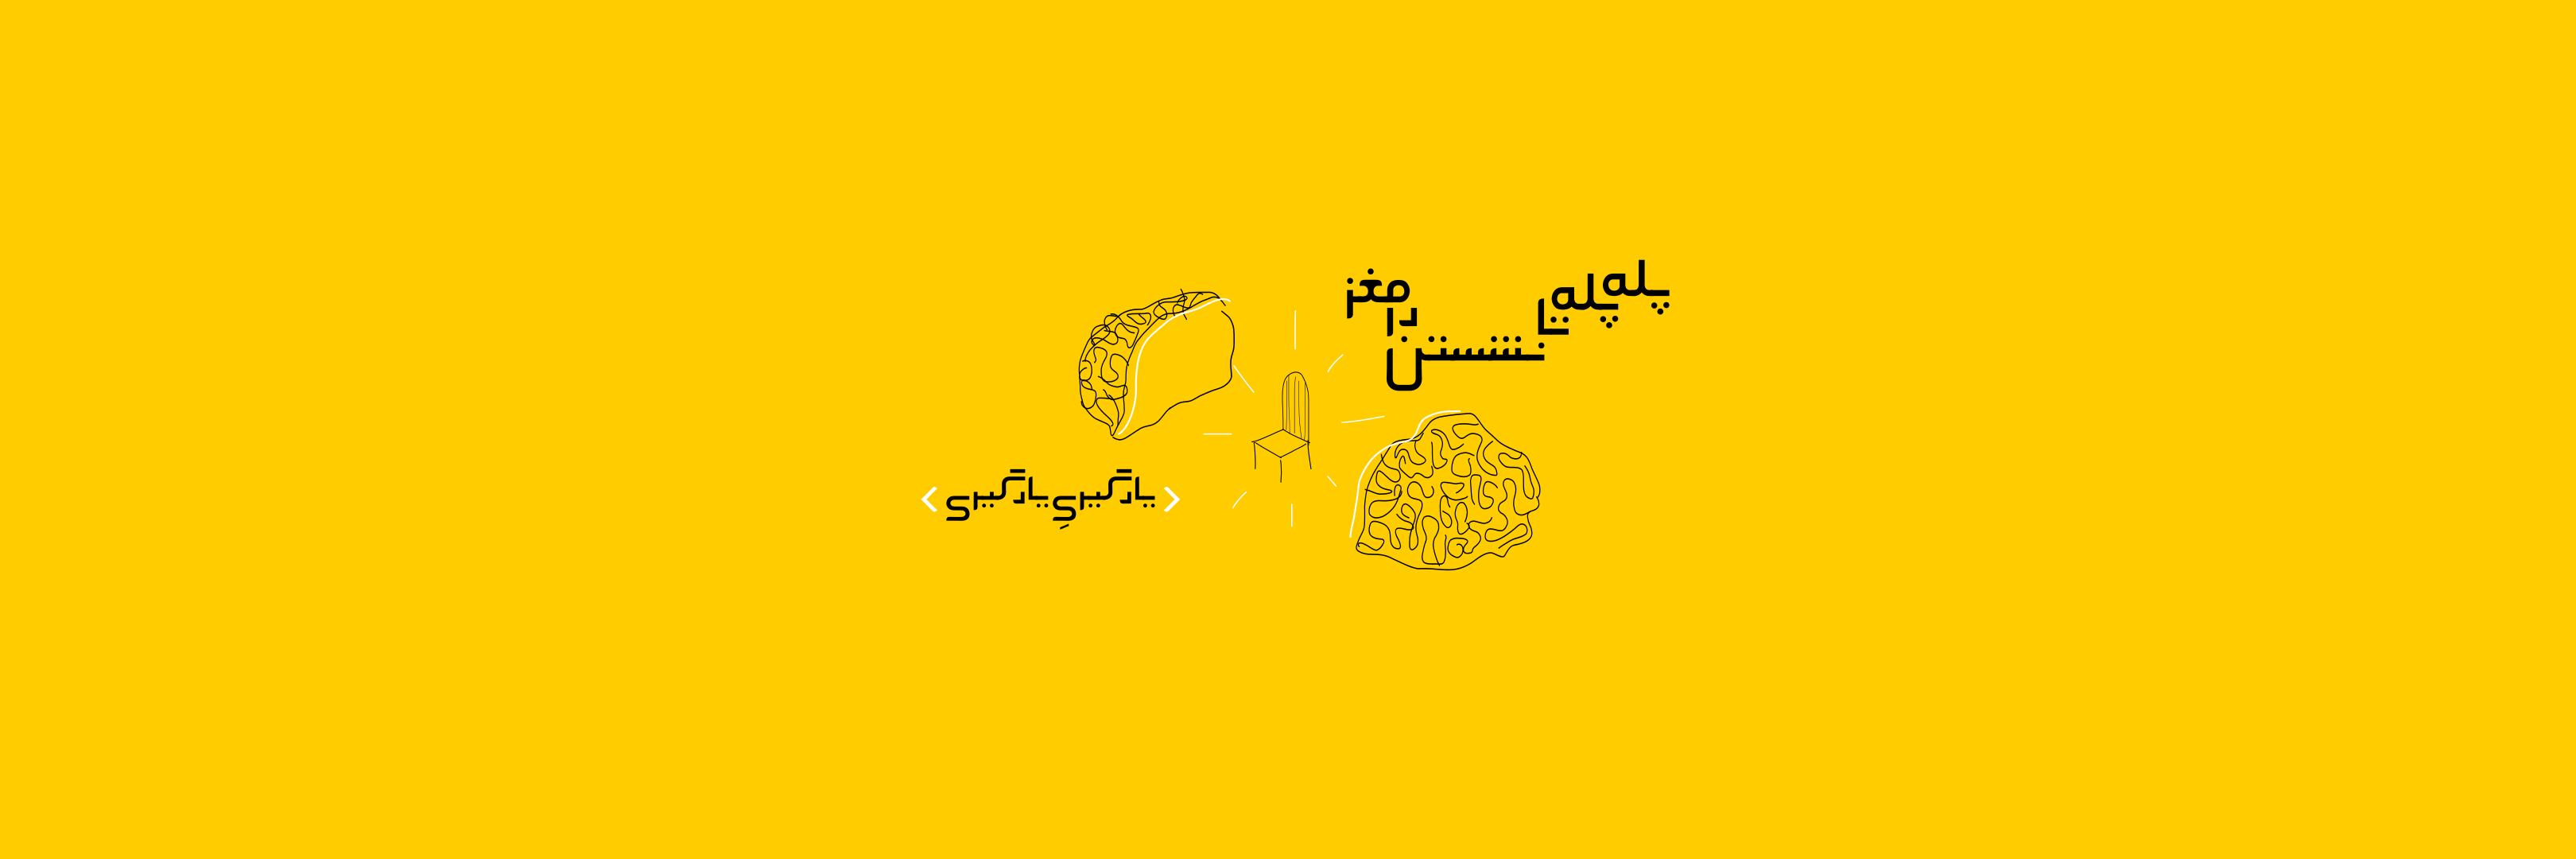 پله پله تا نشستن در مغز ( یادگیریِ یادگیری )